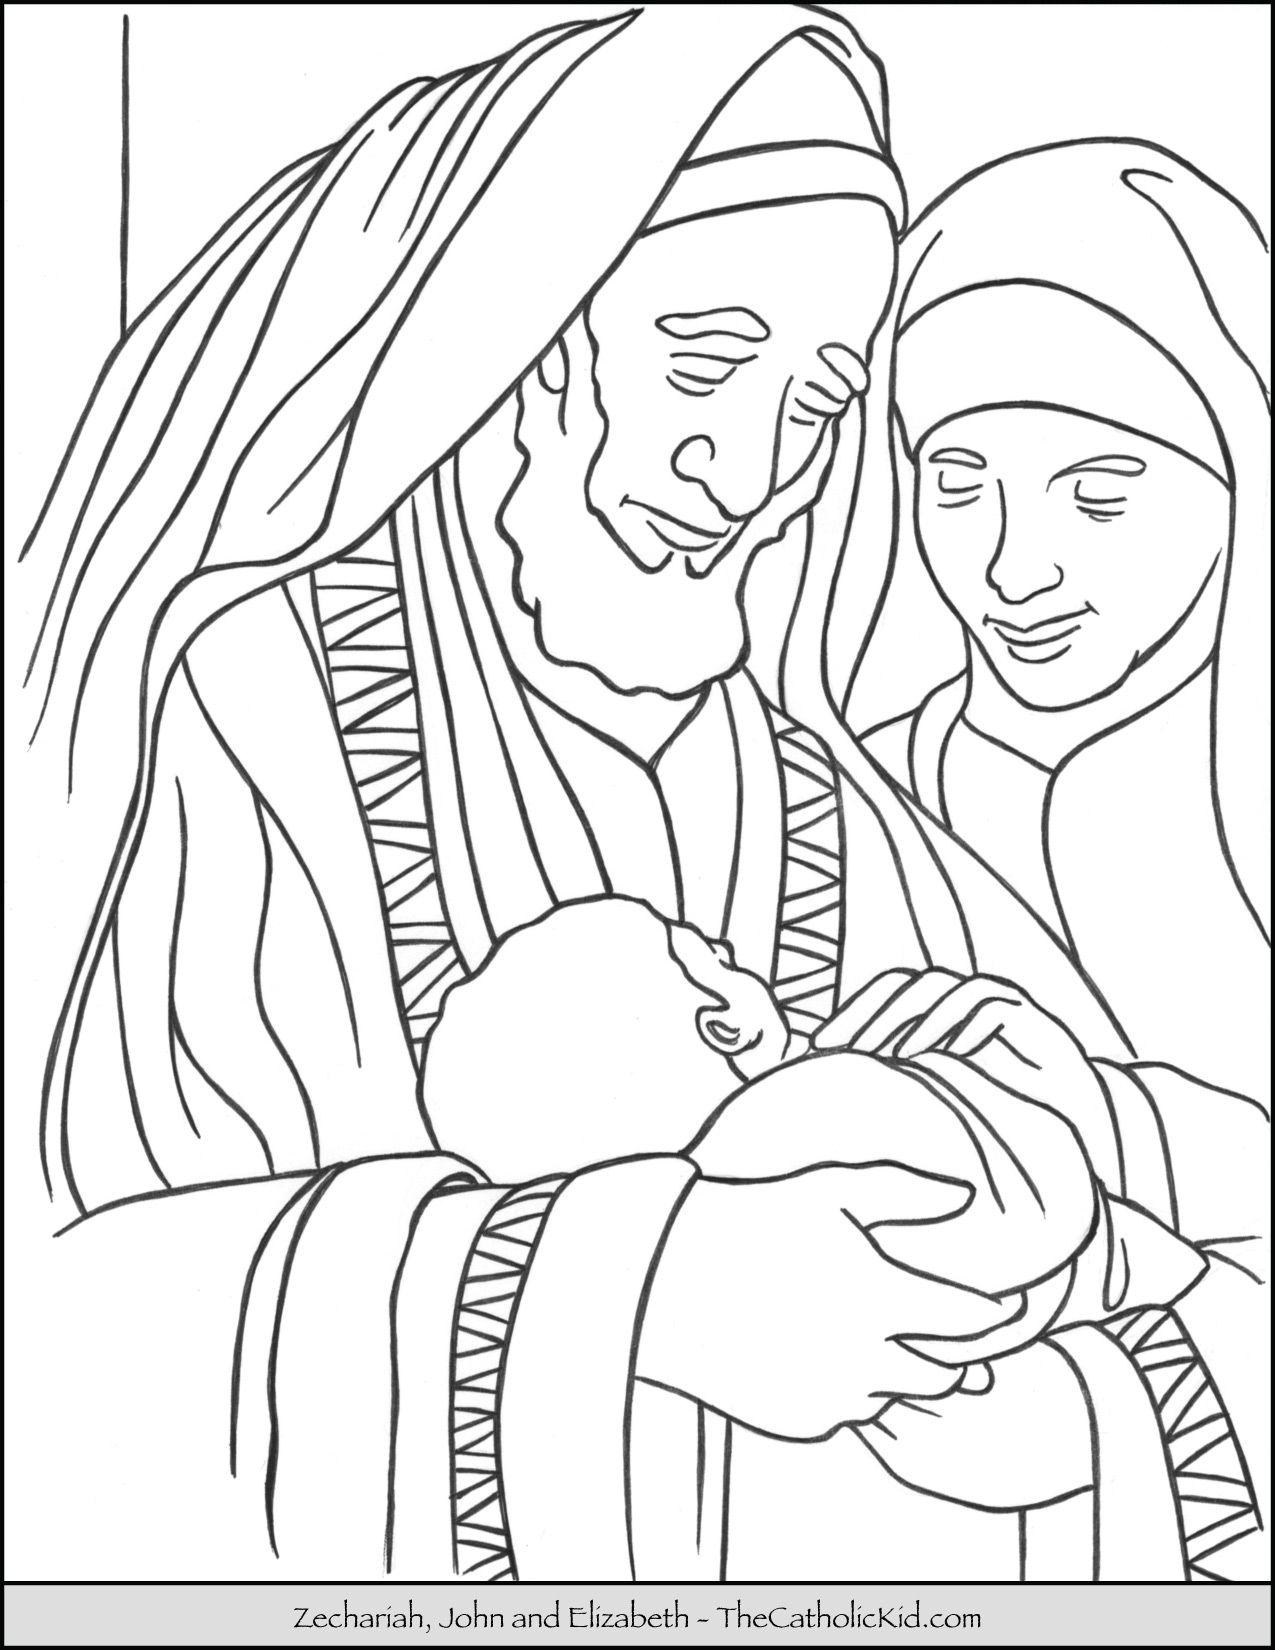 Zechariah Saint John Saint Elizabeth Coloring Page Thecatholickid Com Bible Coloring Pages Bible Coloring Coloring Pages